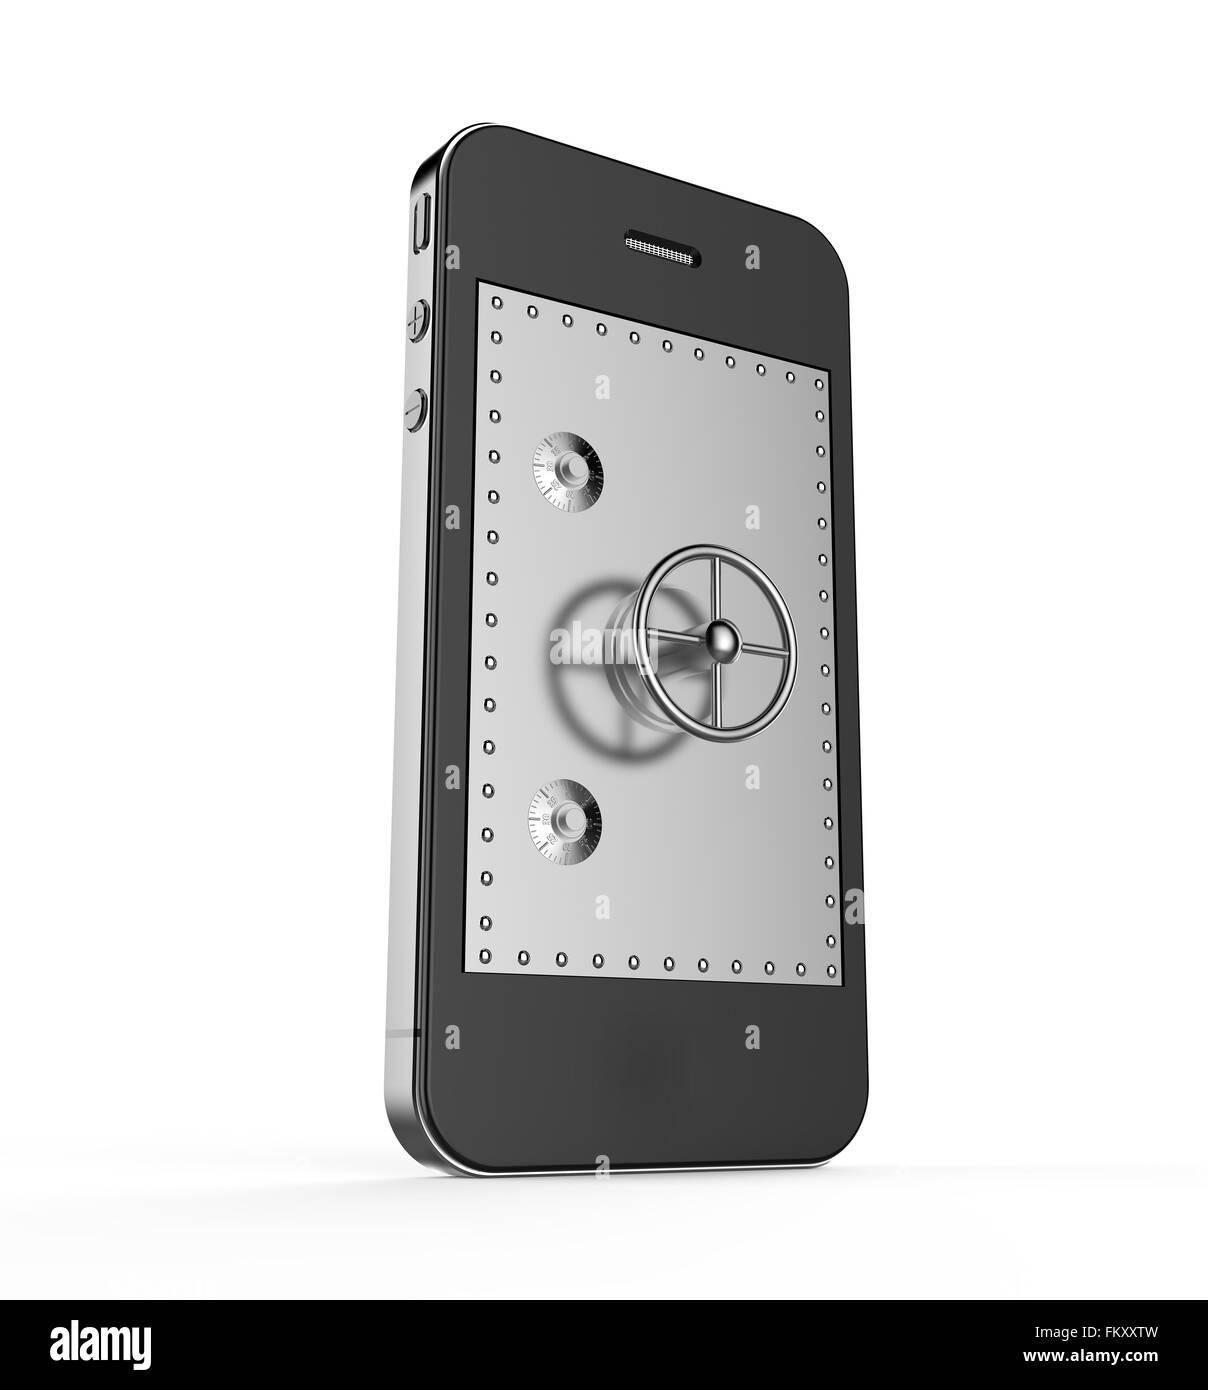 Chiudere lo sportello della cassetta di sicurezza in uno smartphone: concetto di sicurezza Foto Stock